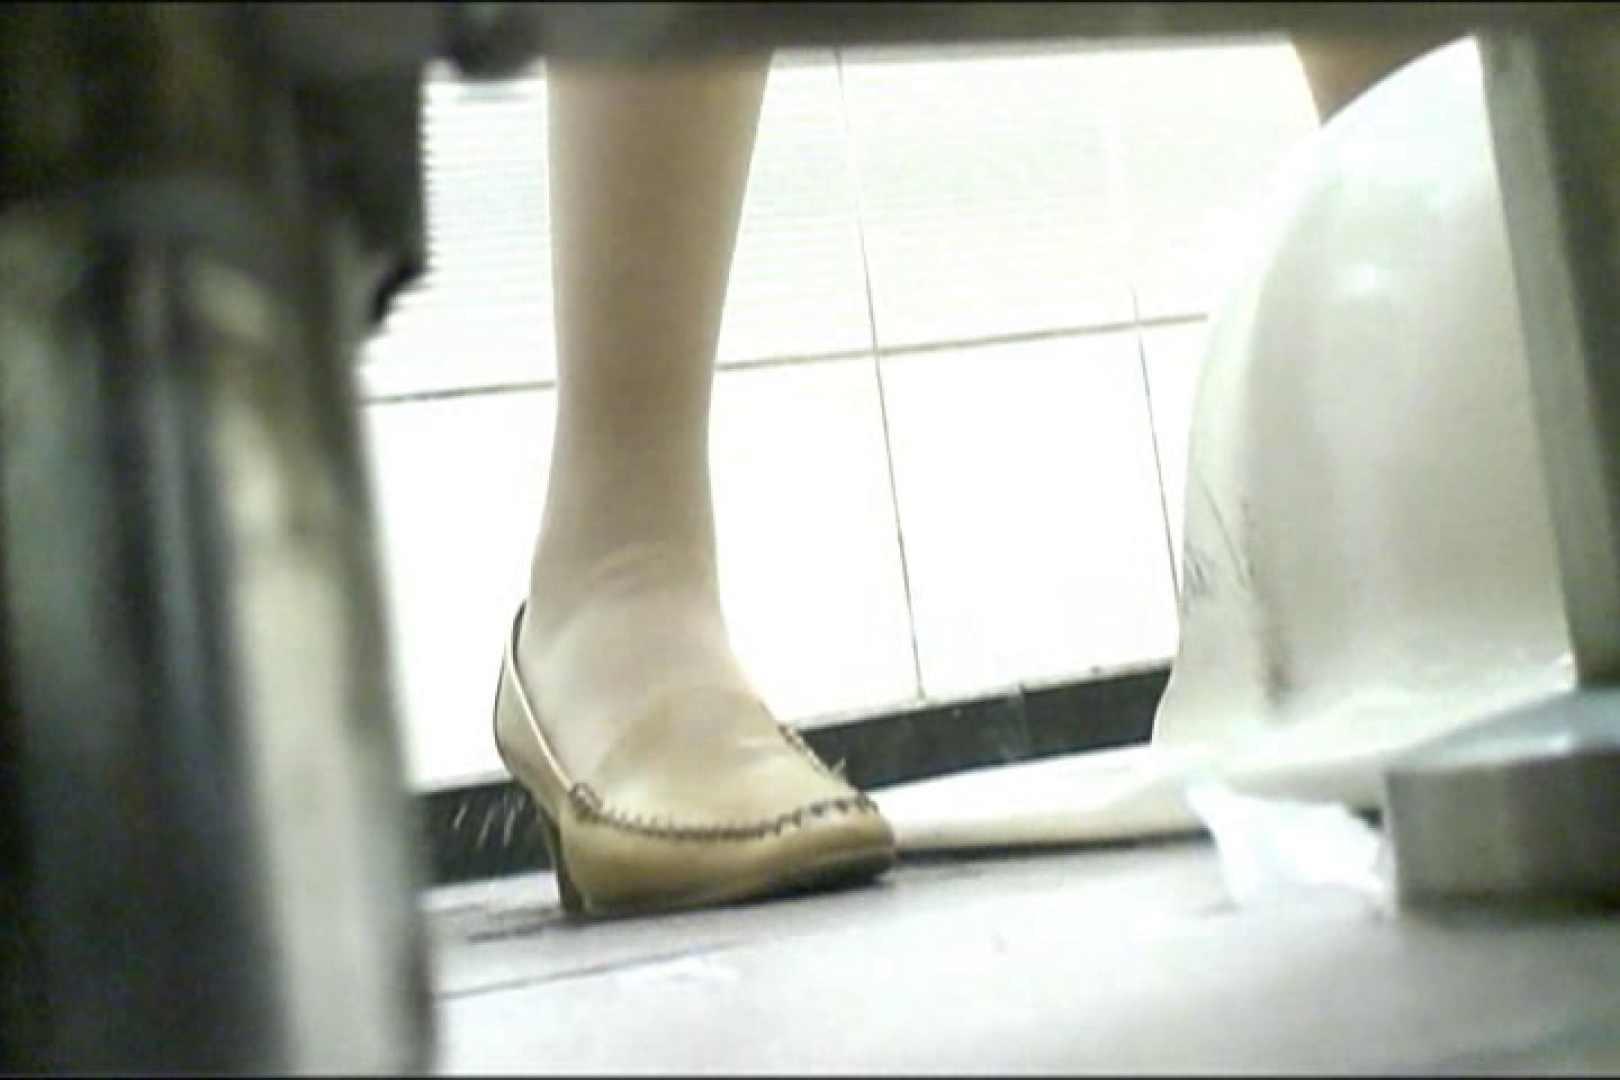 マンコ丸見え女子洗面所Vol.17 OLの実態 盗撮セックス無修正動画無料 97pic 62